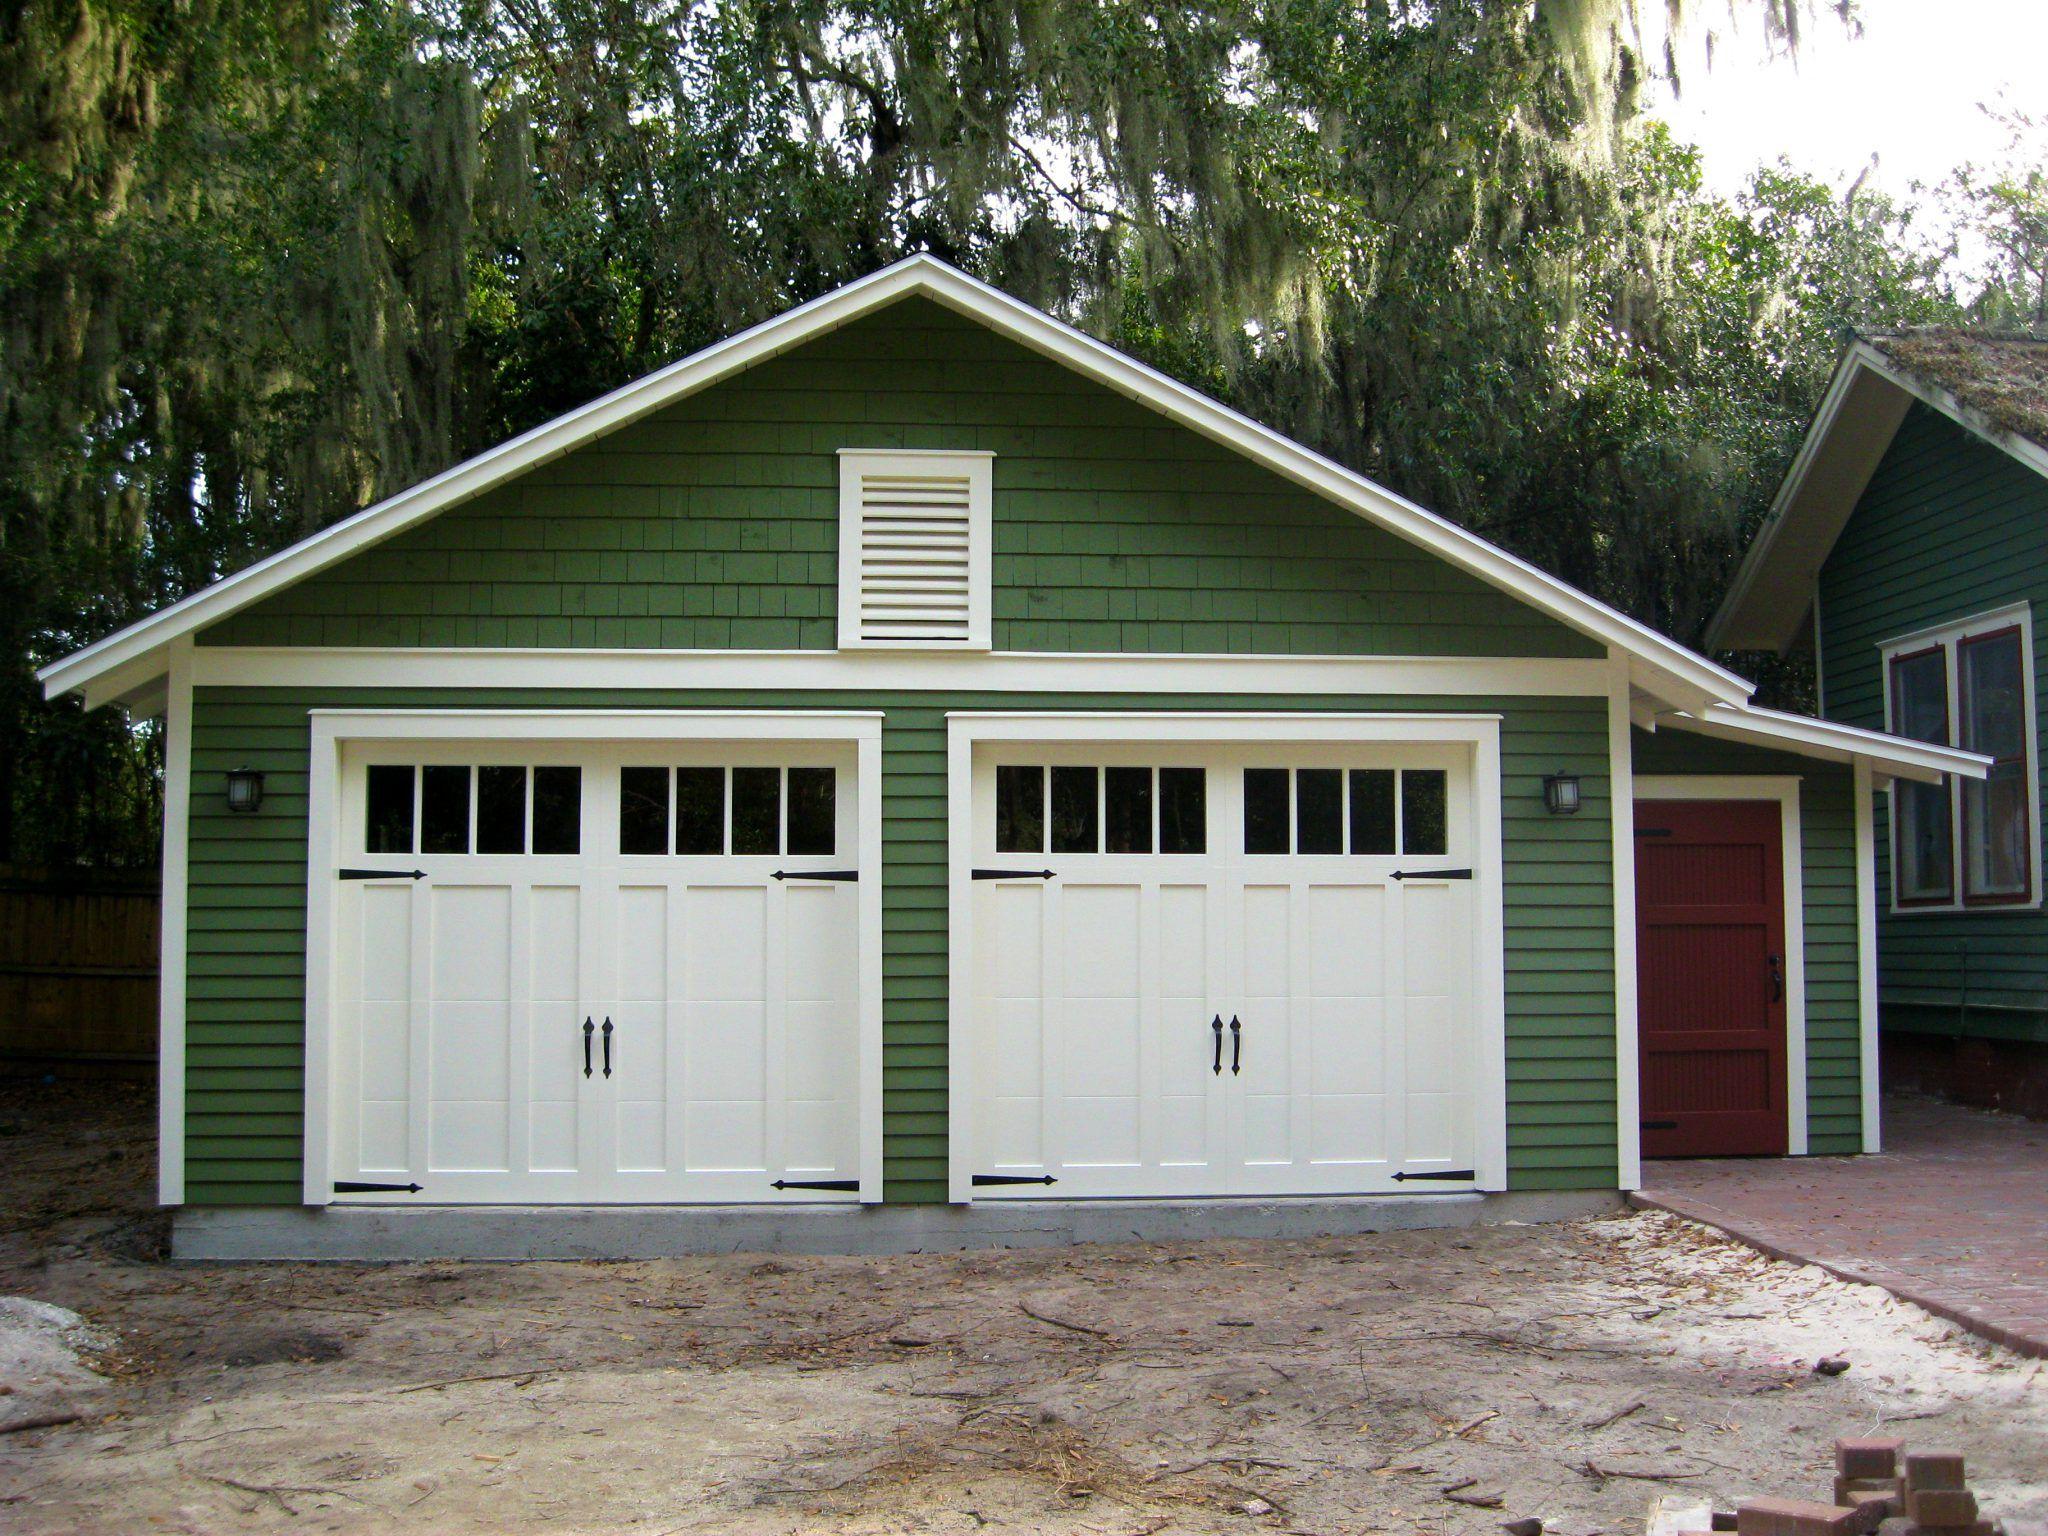 Kleines 2 schlafzimmer hausdesign vorgefertigte garagenkits  garage   pinterest  garage